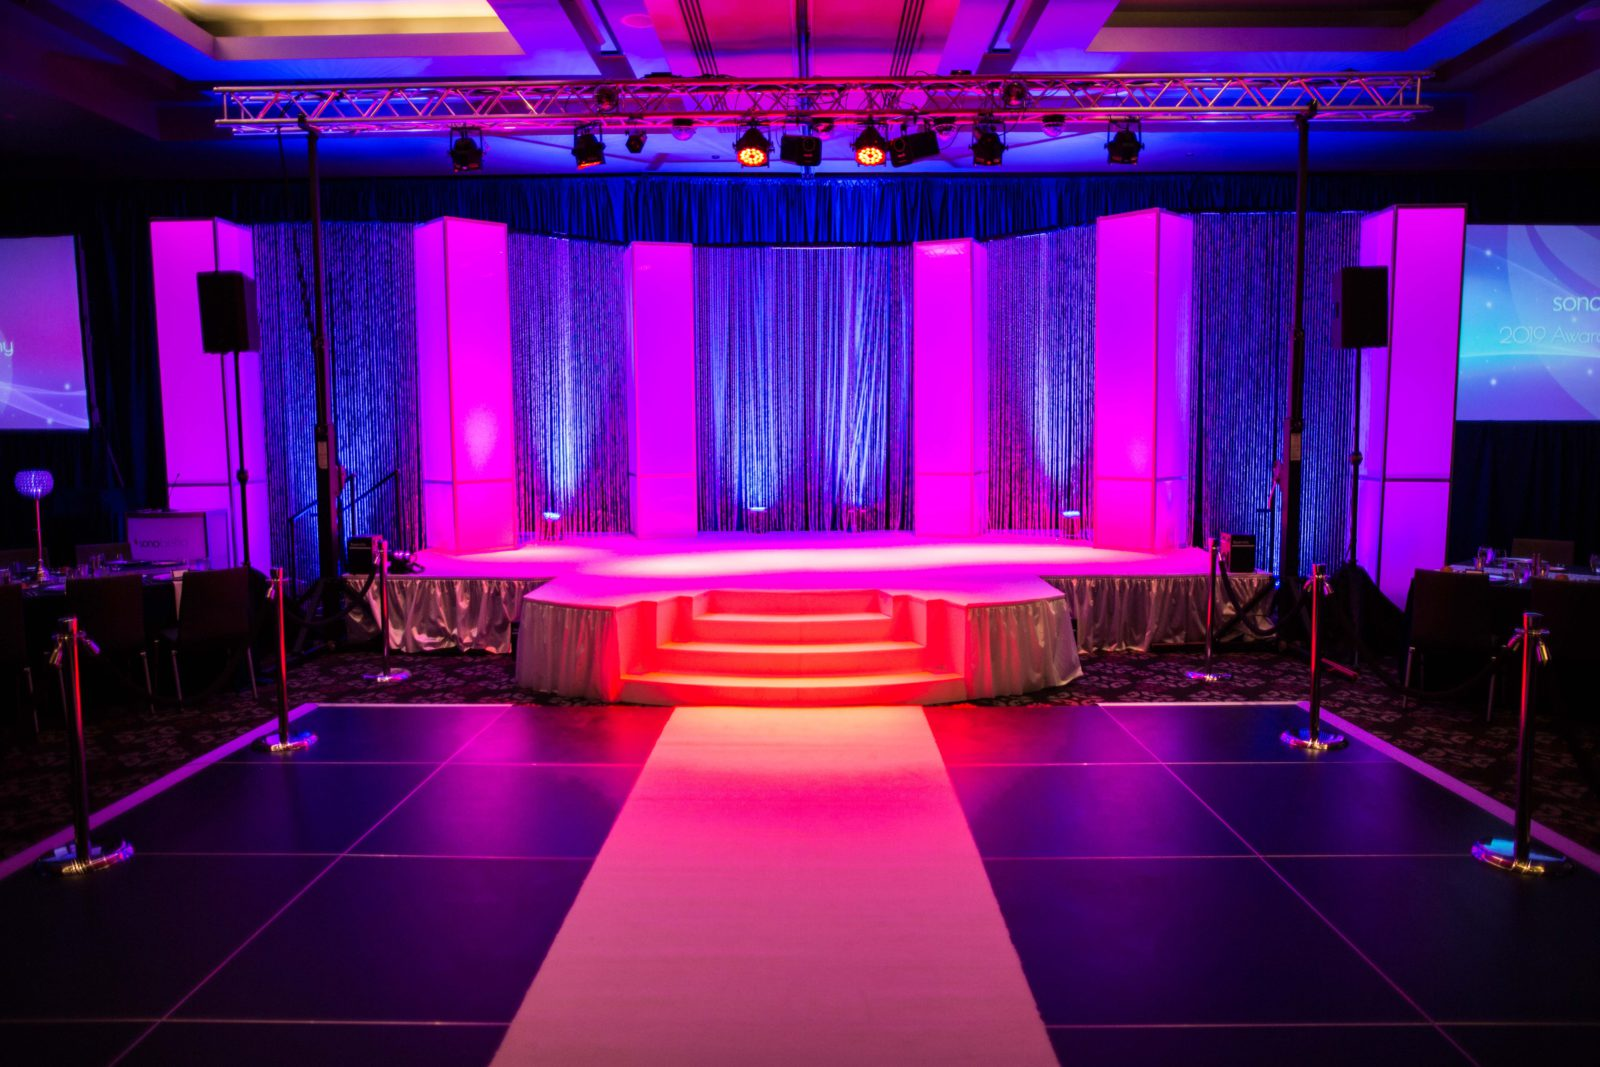 custom awards show decor